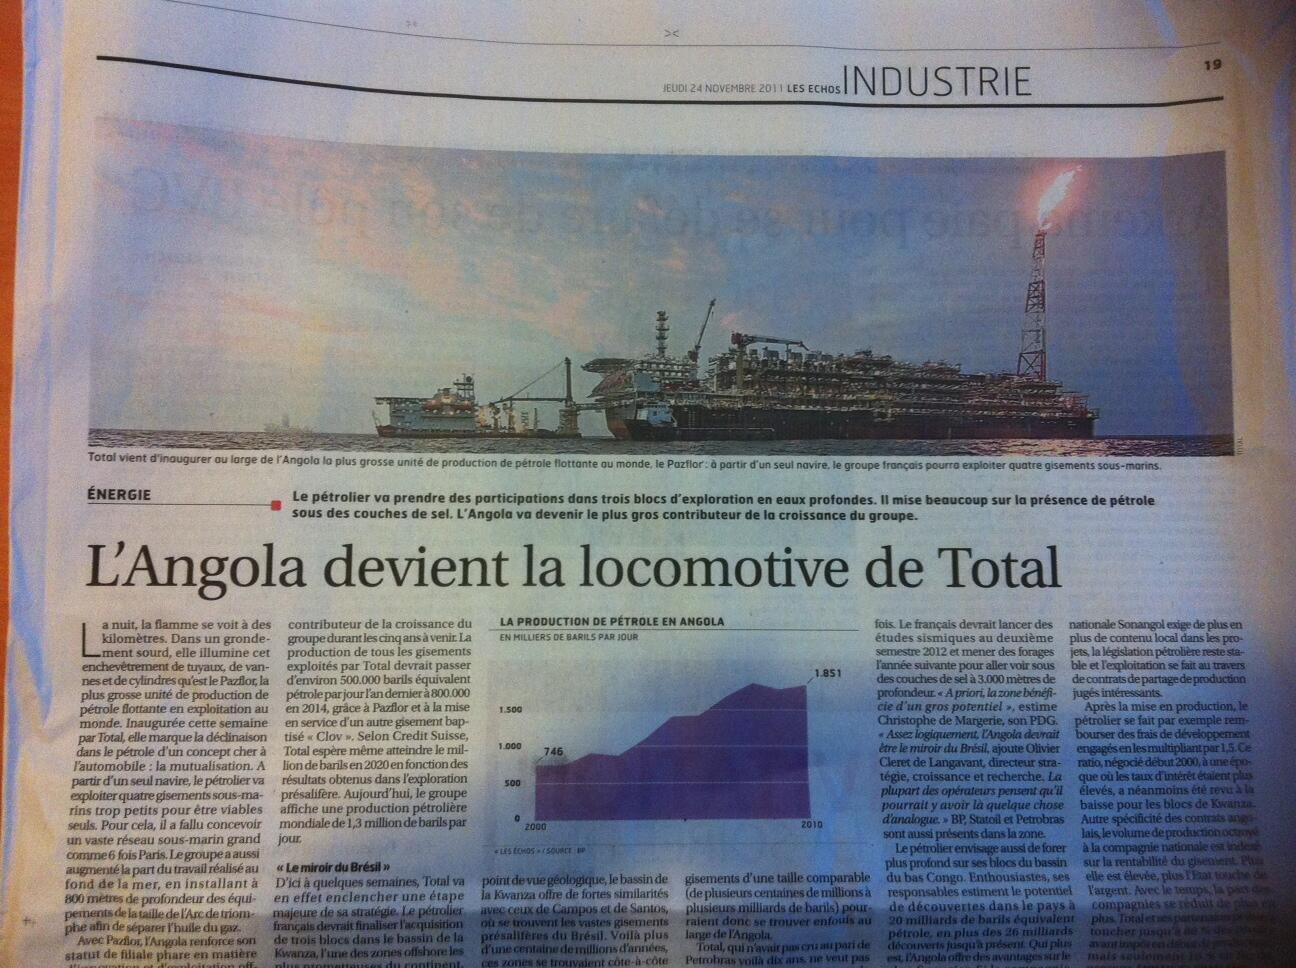 Les Echos destaca que a companhia petrolífera francesa Total imita a Petrobras.